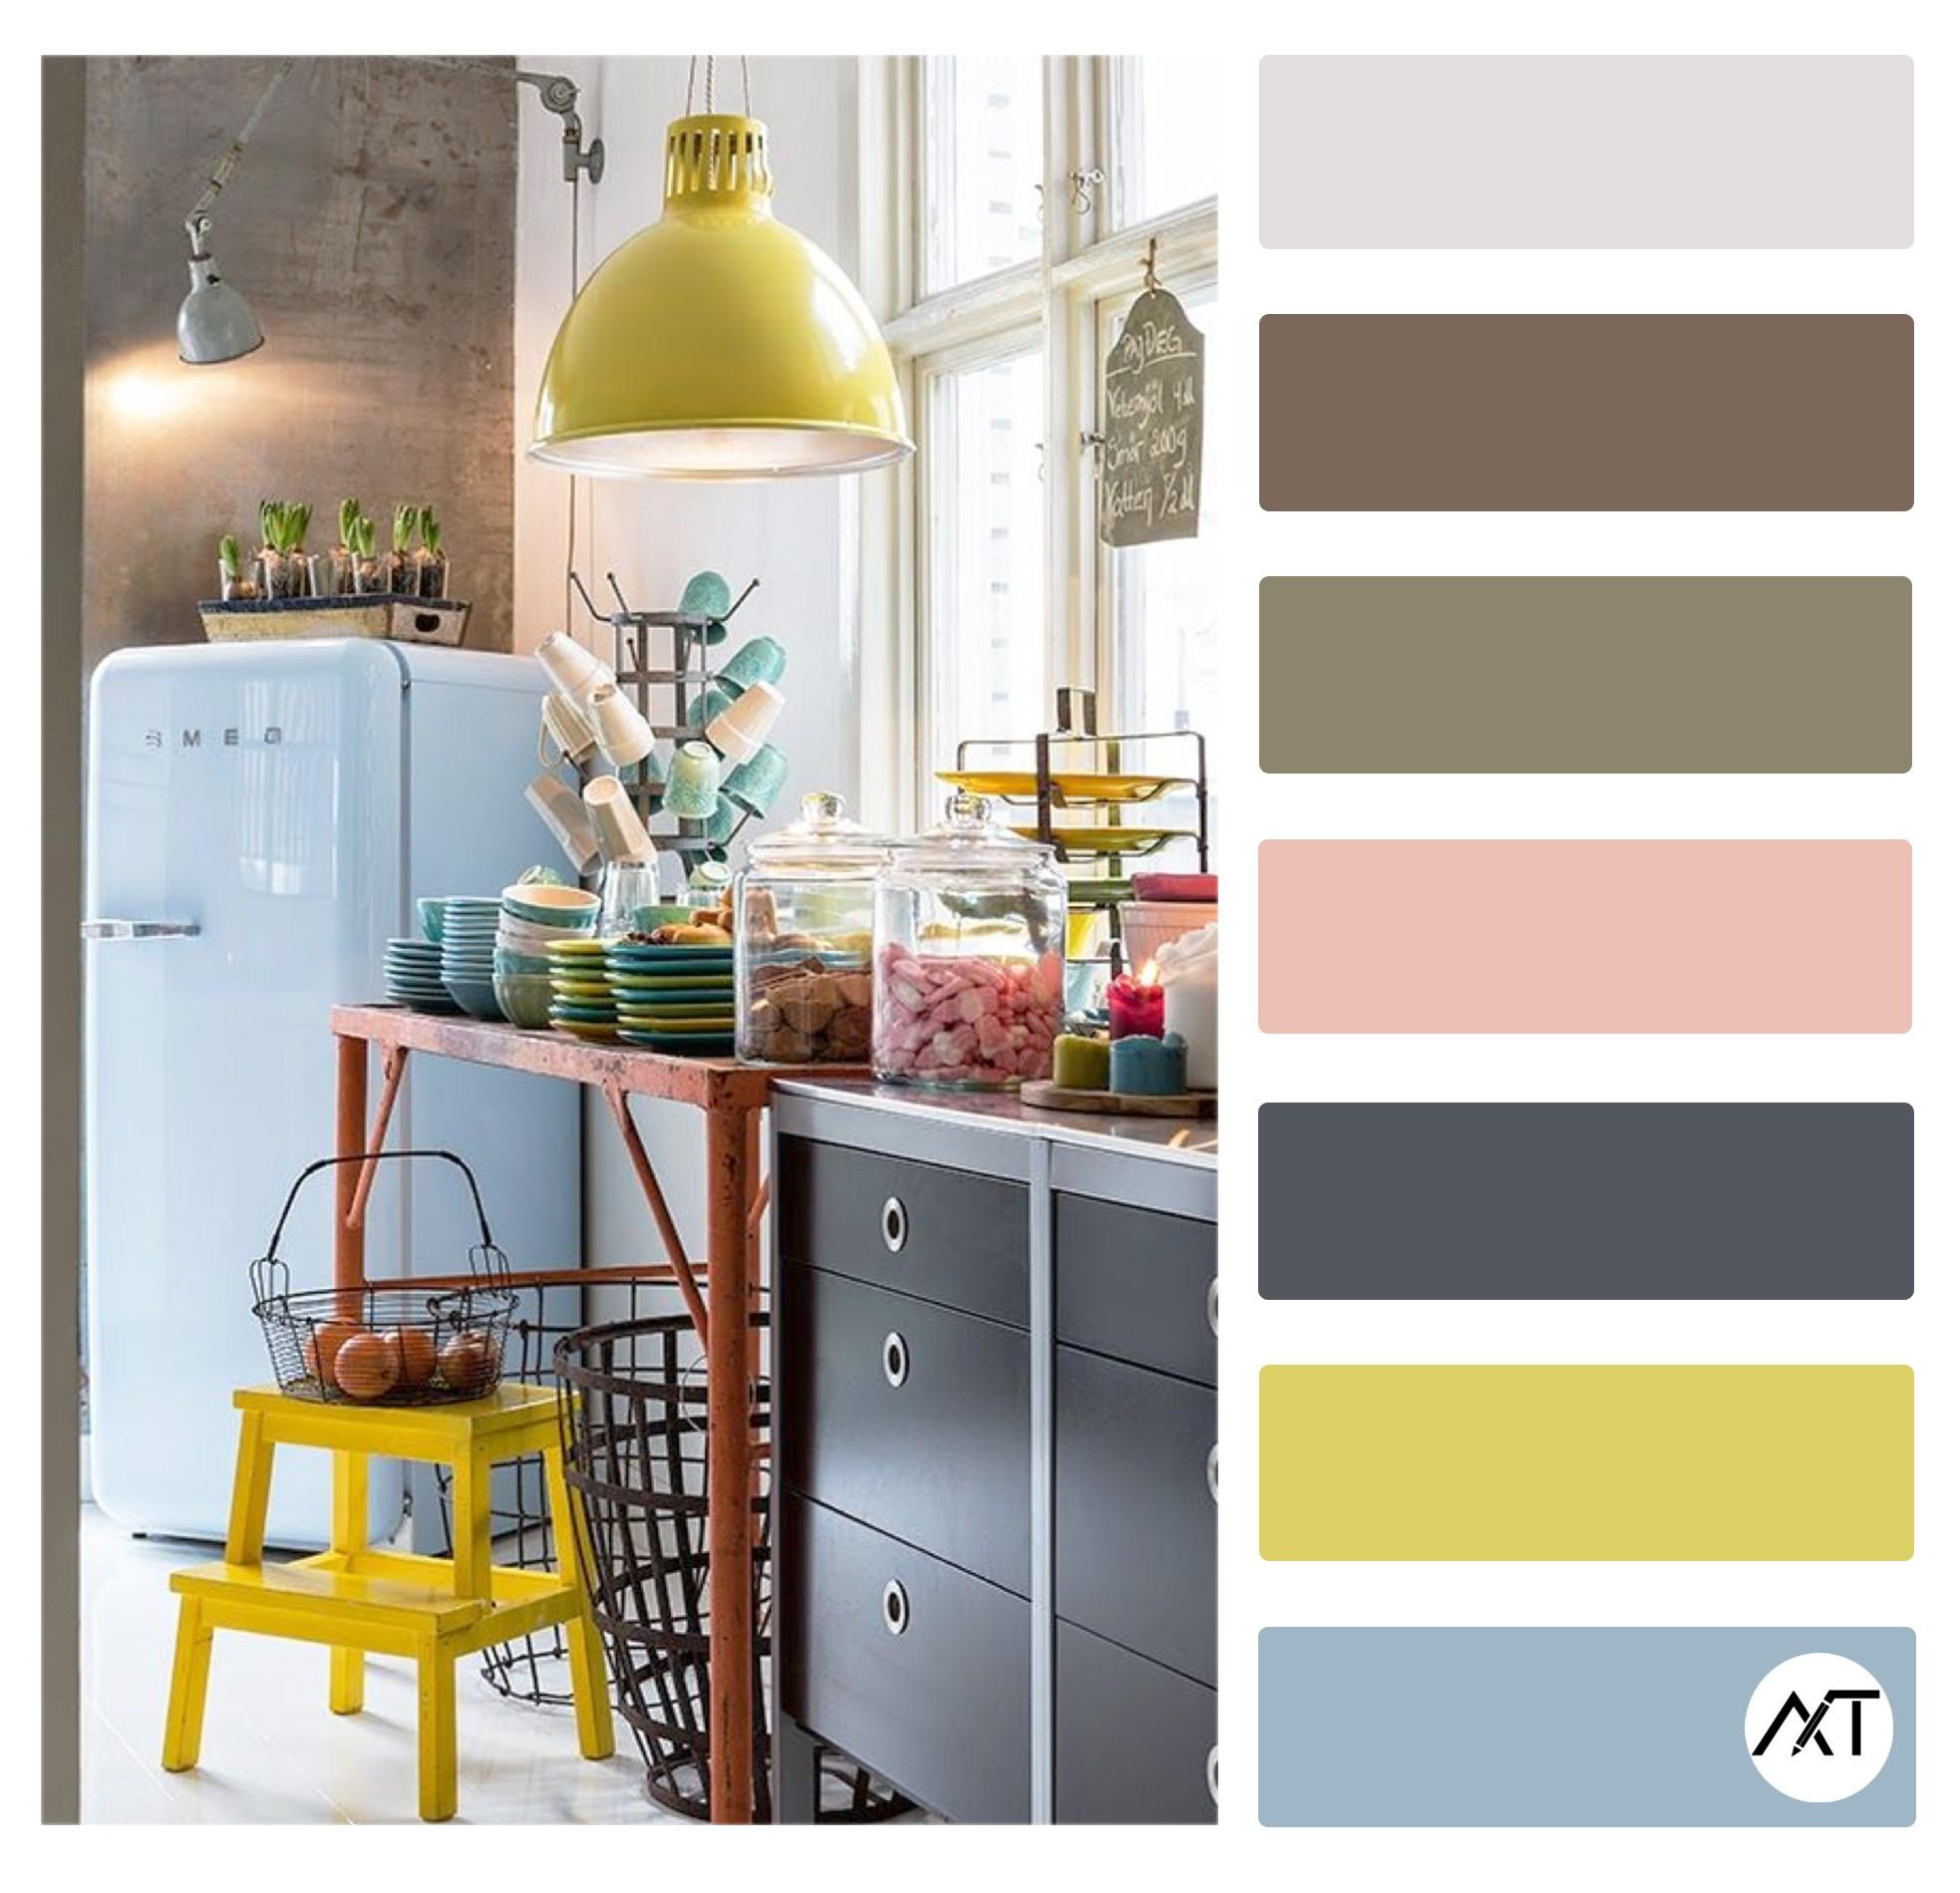 Wild Home Gym Design Inspirations 2016 Interior Design: COLOR INSPIRATION FOR INTERIORS